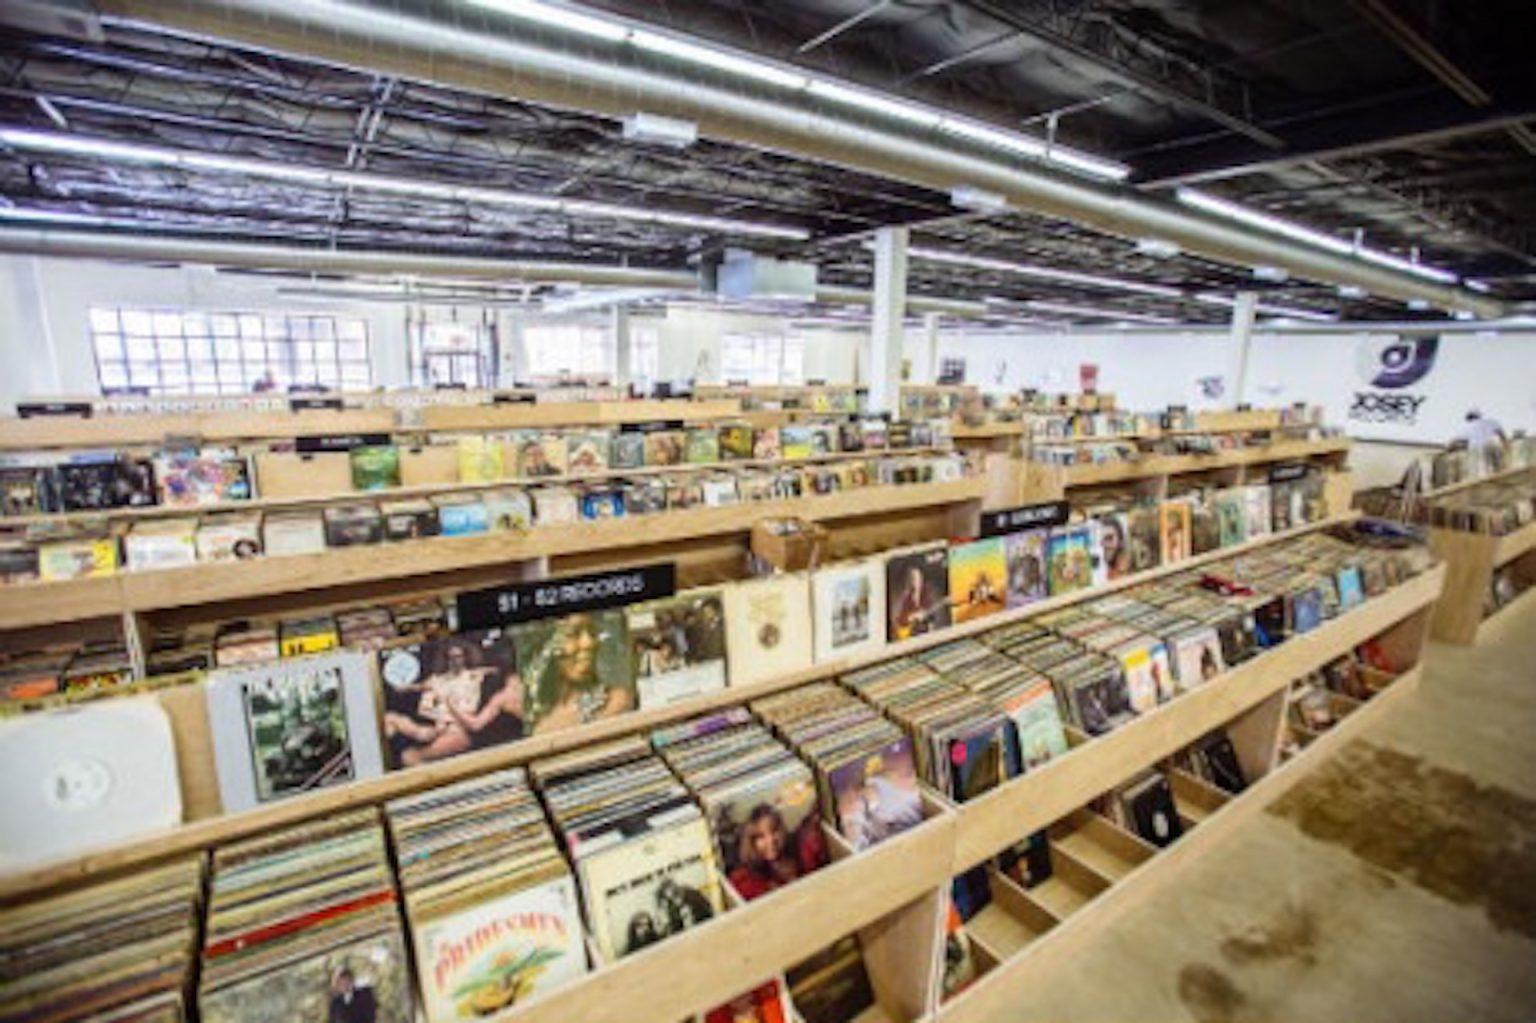 Josey_20.05.20_2-1440x959 オーディオテクニカとDiscogsが提携し、世界各国のレコード店をサポート